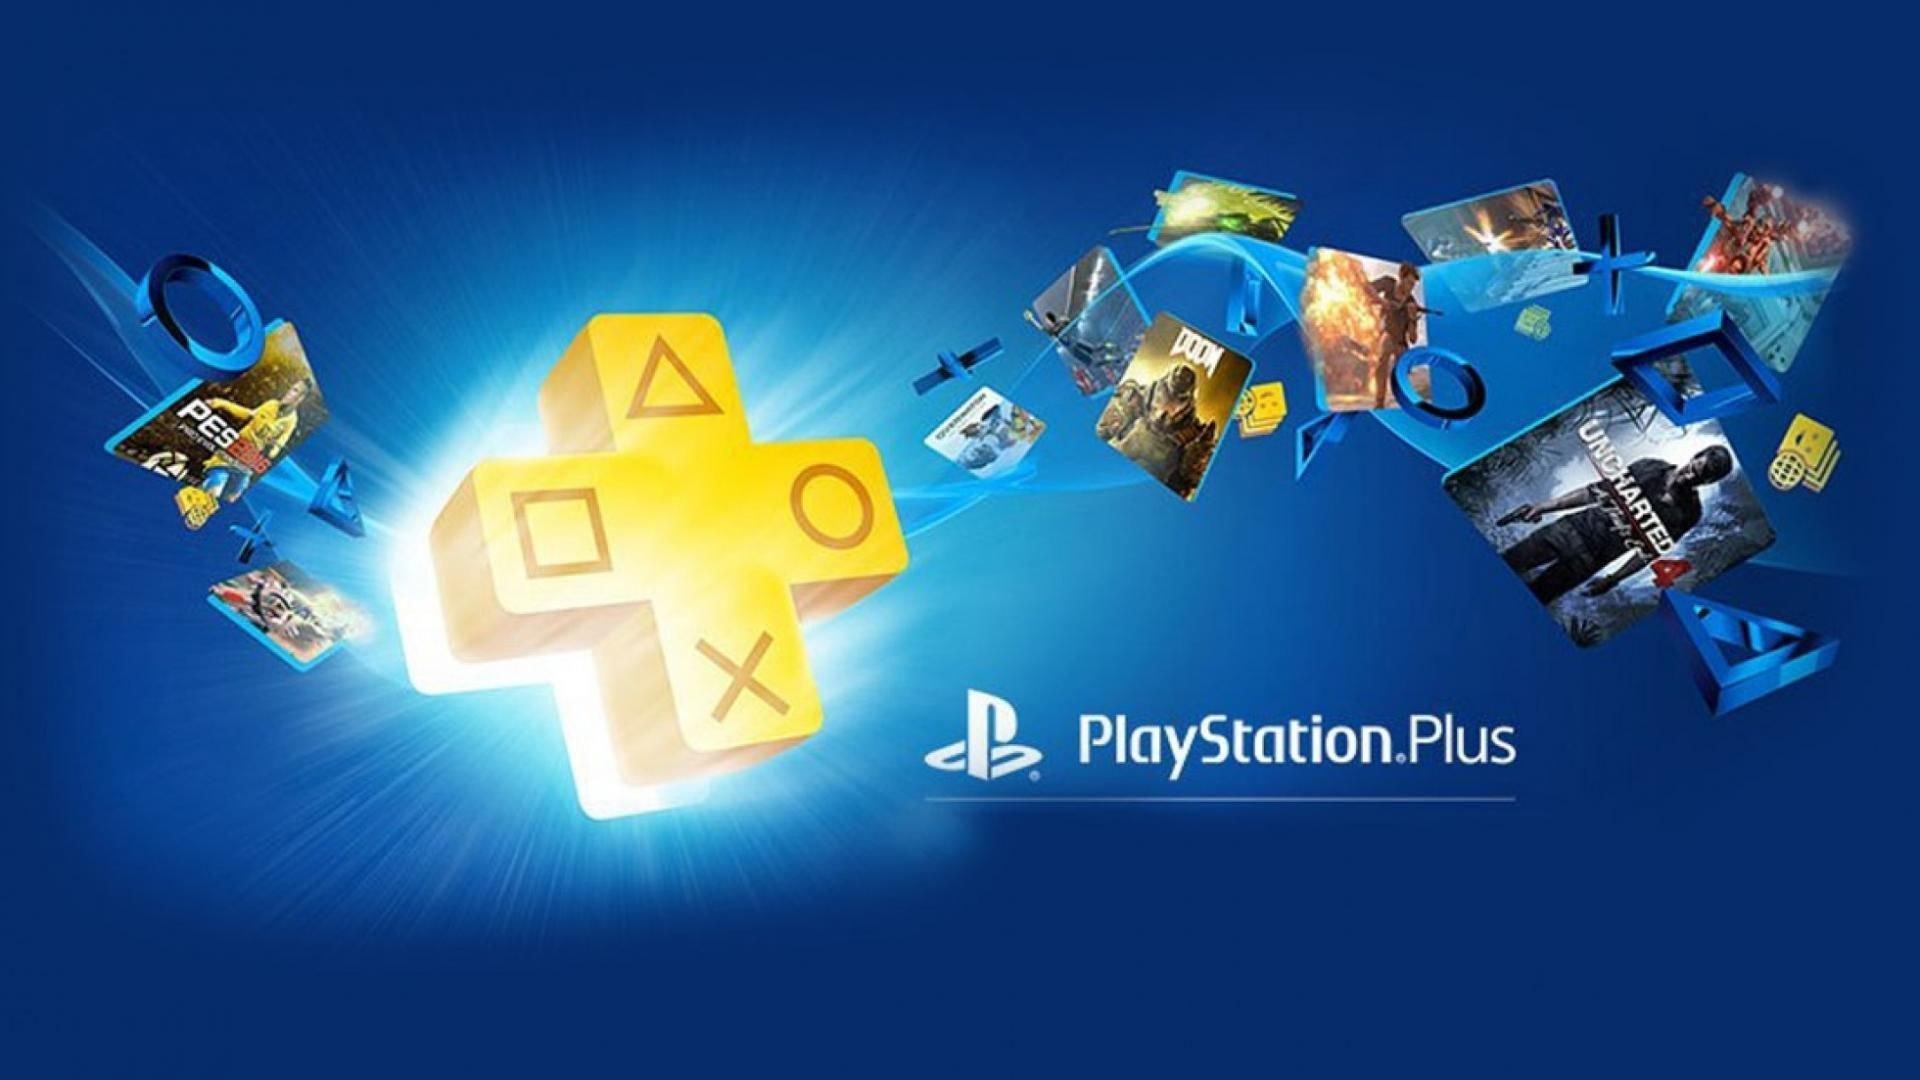 As vantagens da playstation plus, serviço de assinatura do playstation. A playstation plus é um serviço exclusivo da sony que oferece modo multiplayer para os jogos da plataforma, títulos grátis e outros benefícios